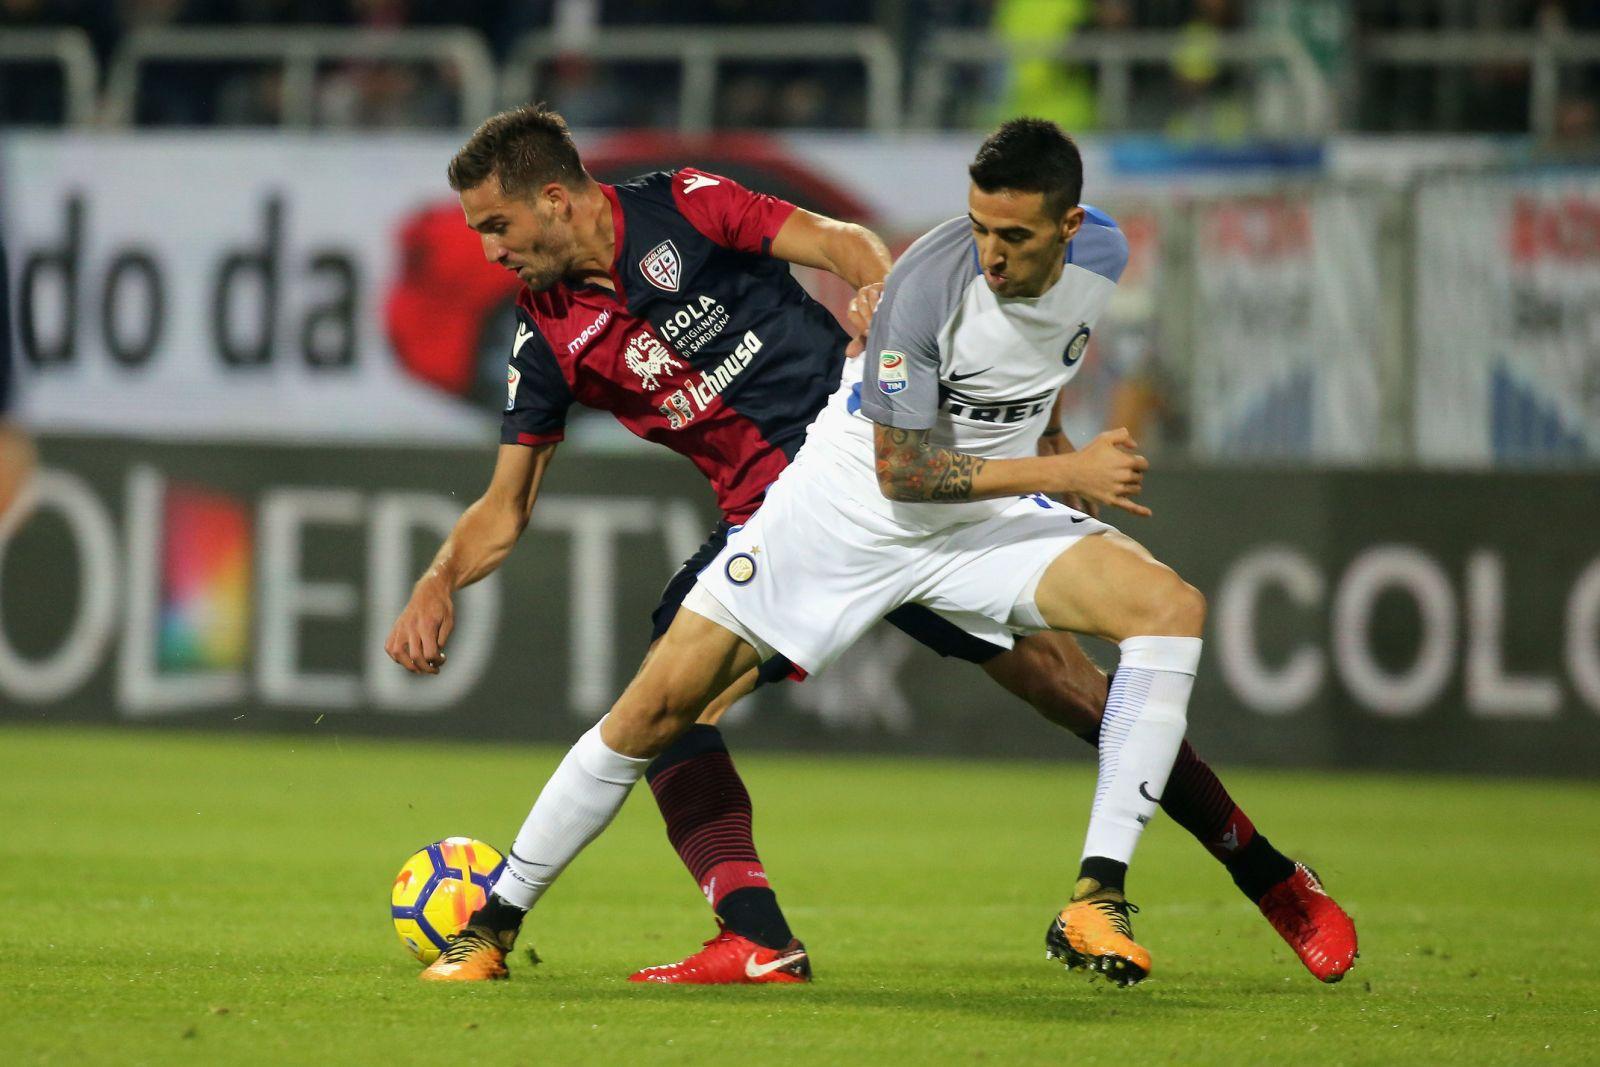 Nhận định bóng đá Inter Milan vs Cagliari, 01h45 ngày 18/4